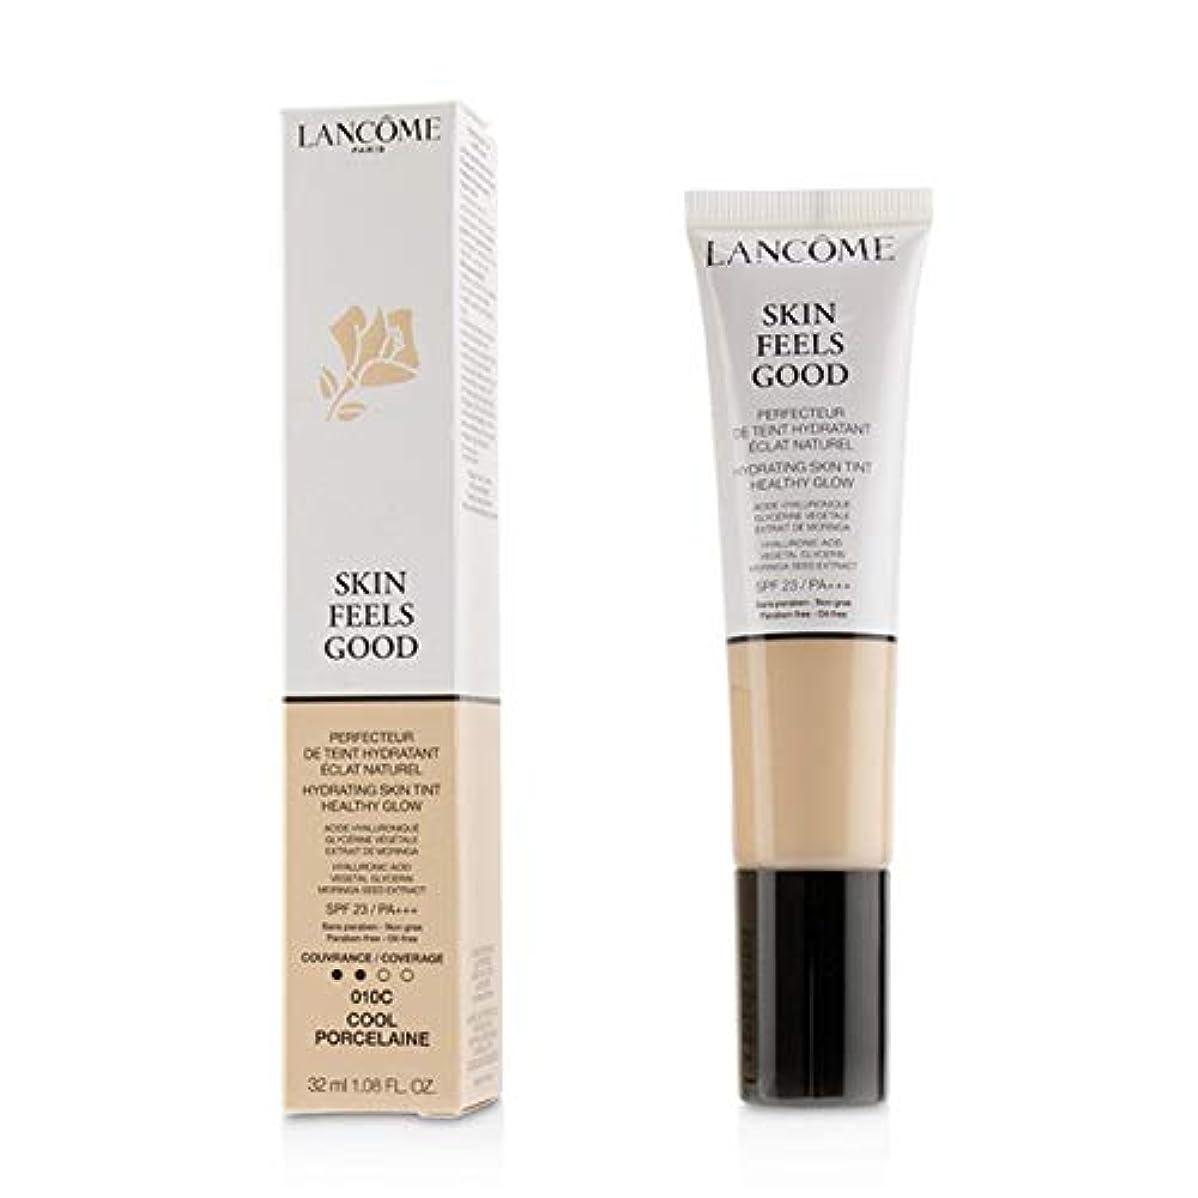 ランコム Skin Feels Good Hydrating Skin Tint Healthy Glow SPF 23 - # 010C Cool Porcelaine 32ml/1.08oz並行輸入品